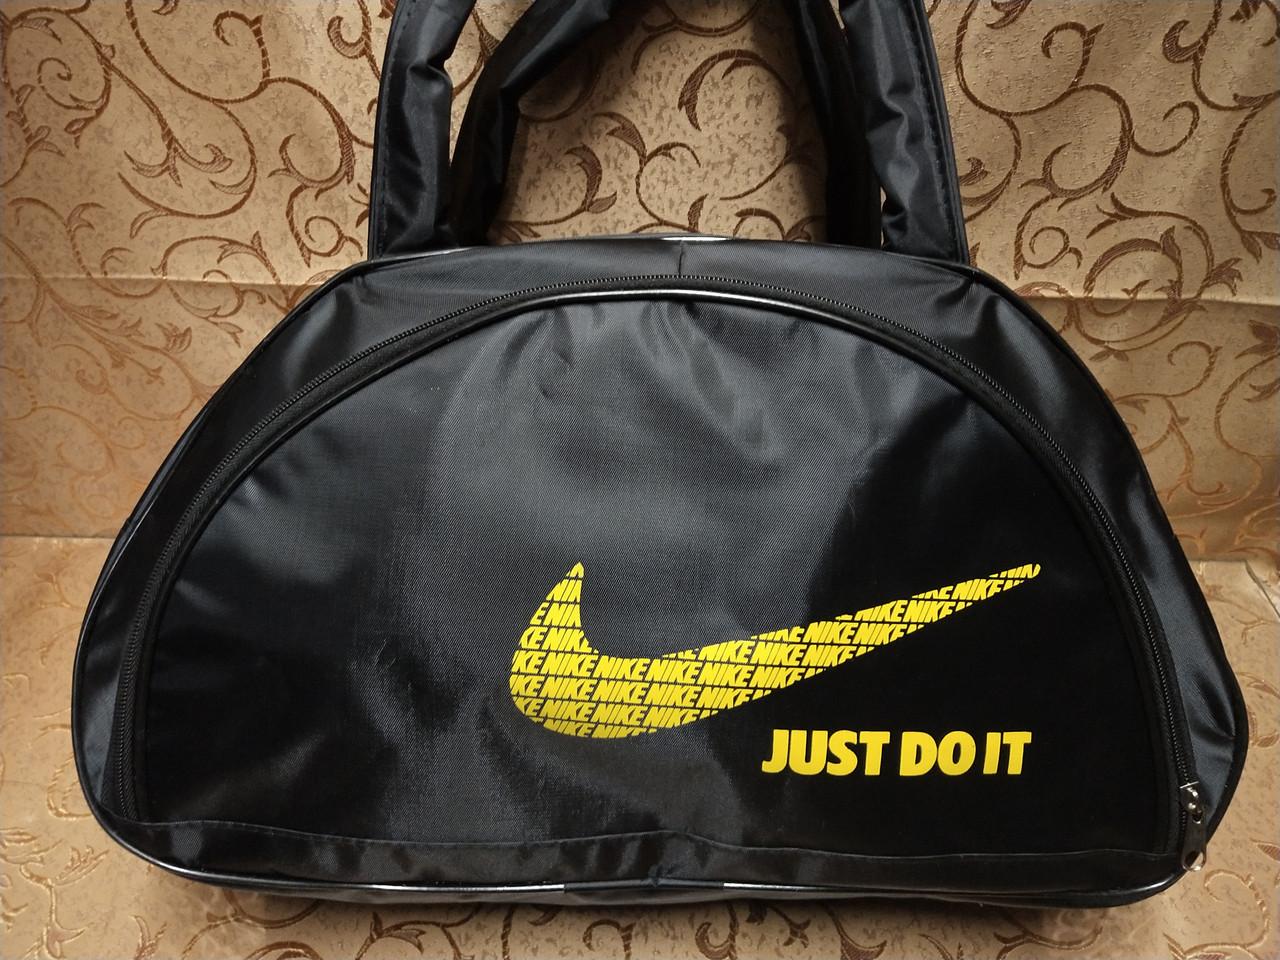 8f6d491aa203 Новый Сумка спортивная найк nike только ОПТ спорт сумки /Женская спортивная  сумка - интернет магазин